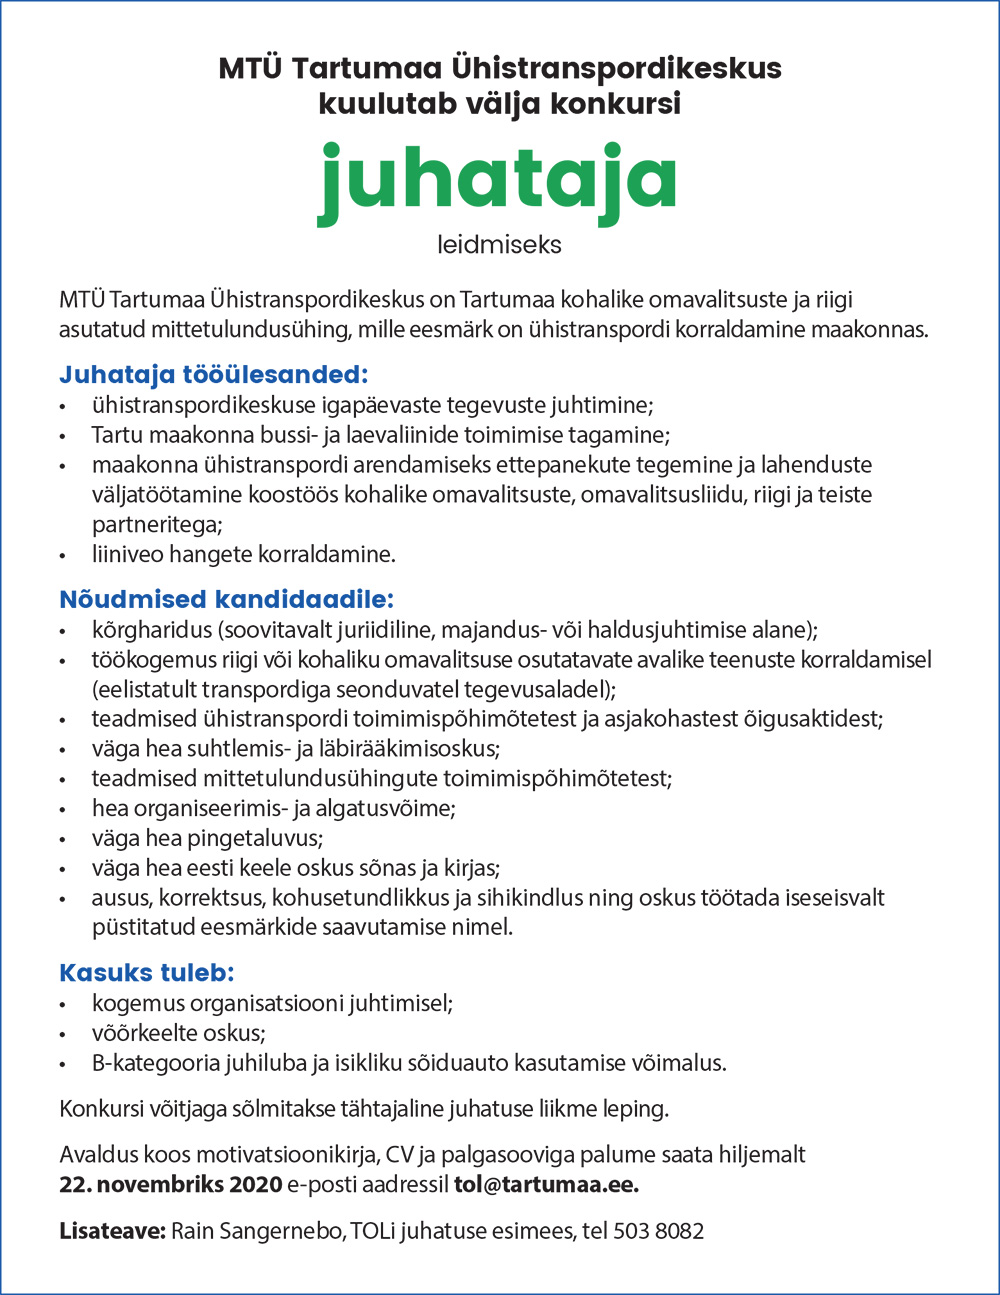 JUHATAJA